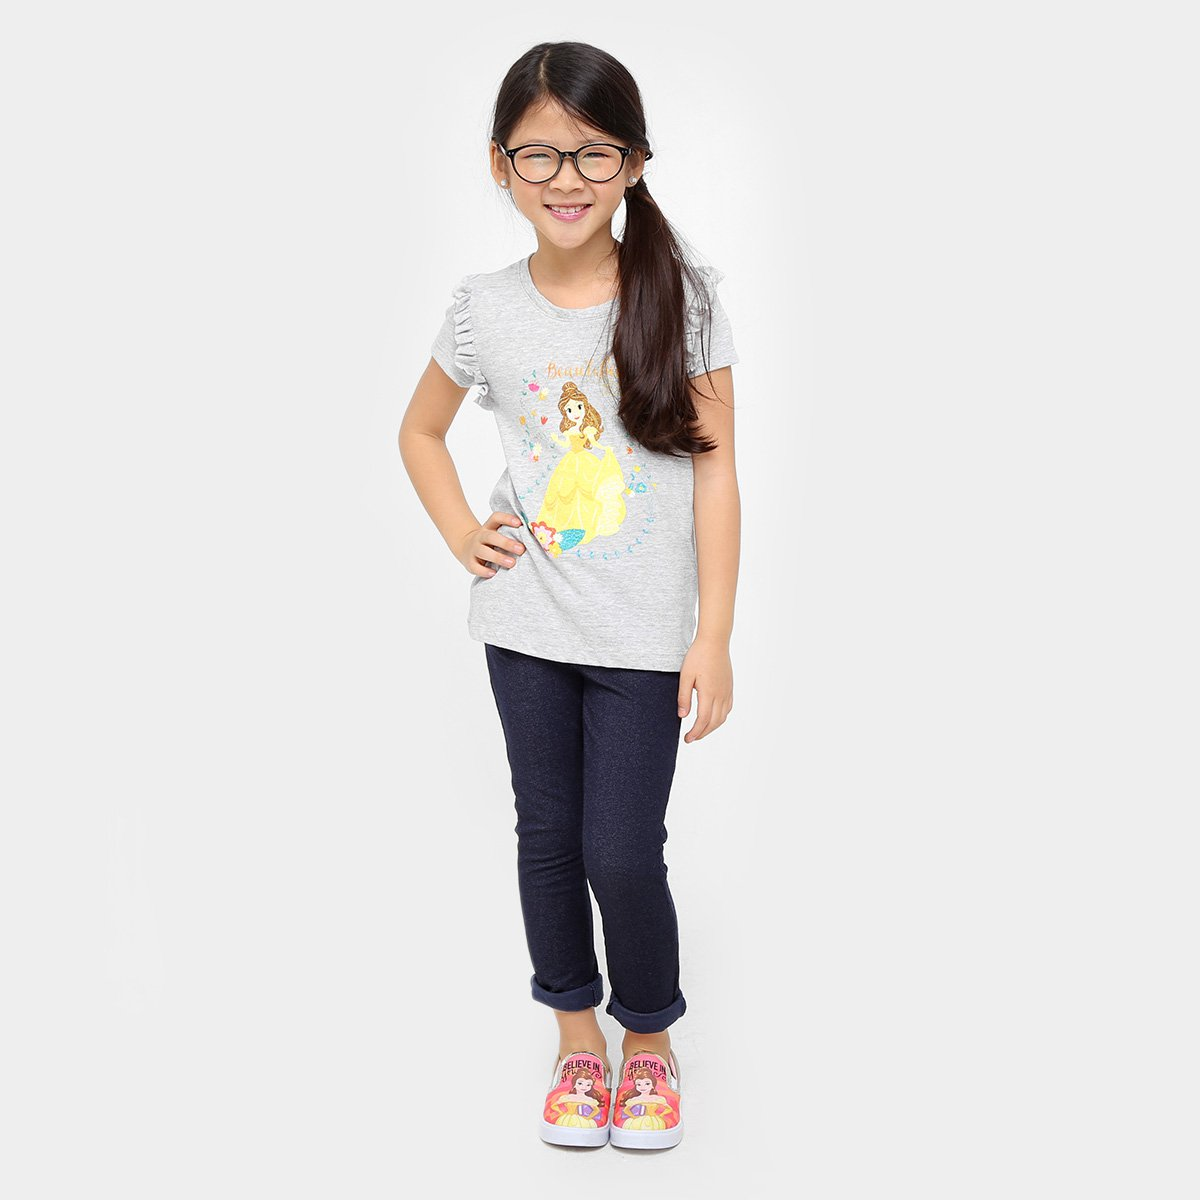 Camiseta Infantil Infantil Camiseta Bela Bela Mescla Camiseta Disney Disney Mescla Disney axOqwxY